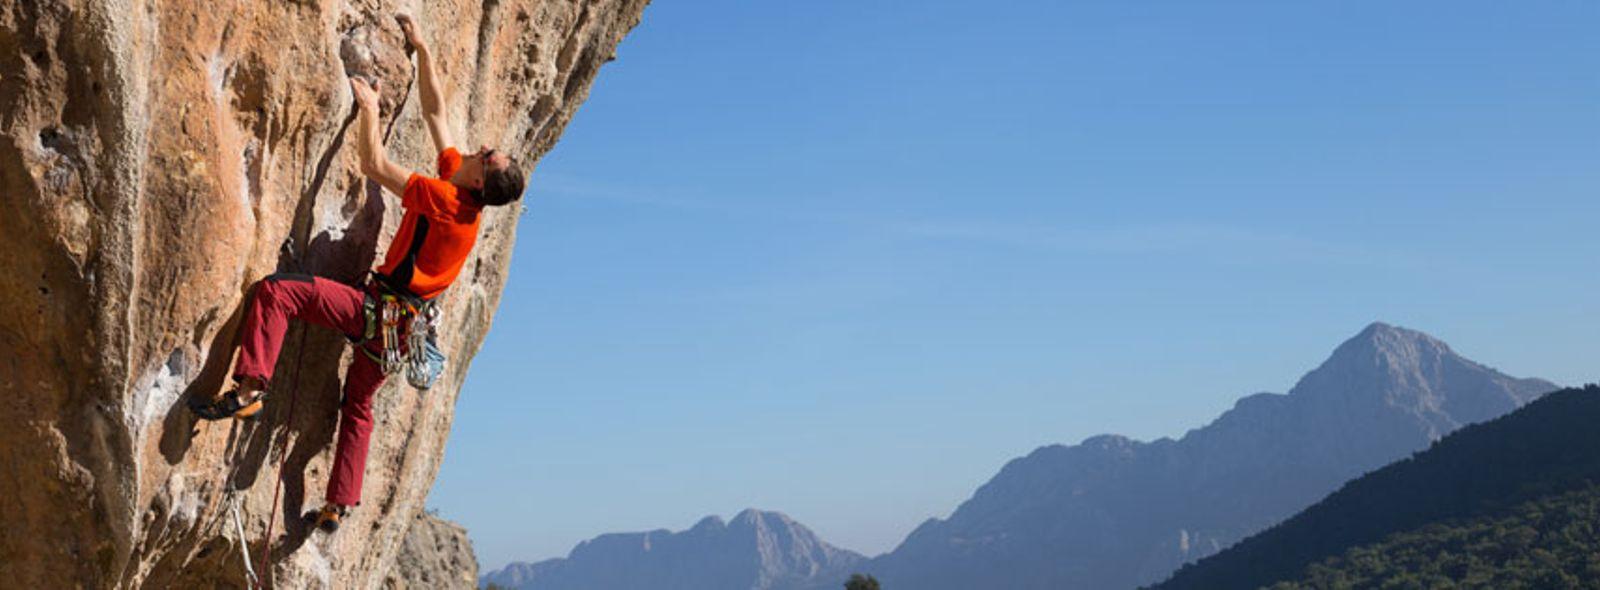 Superare i propri limiti con l'arrampicata sportiva